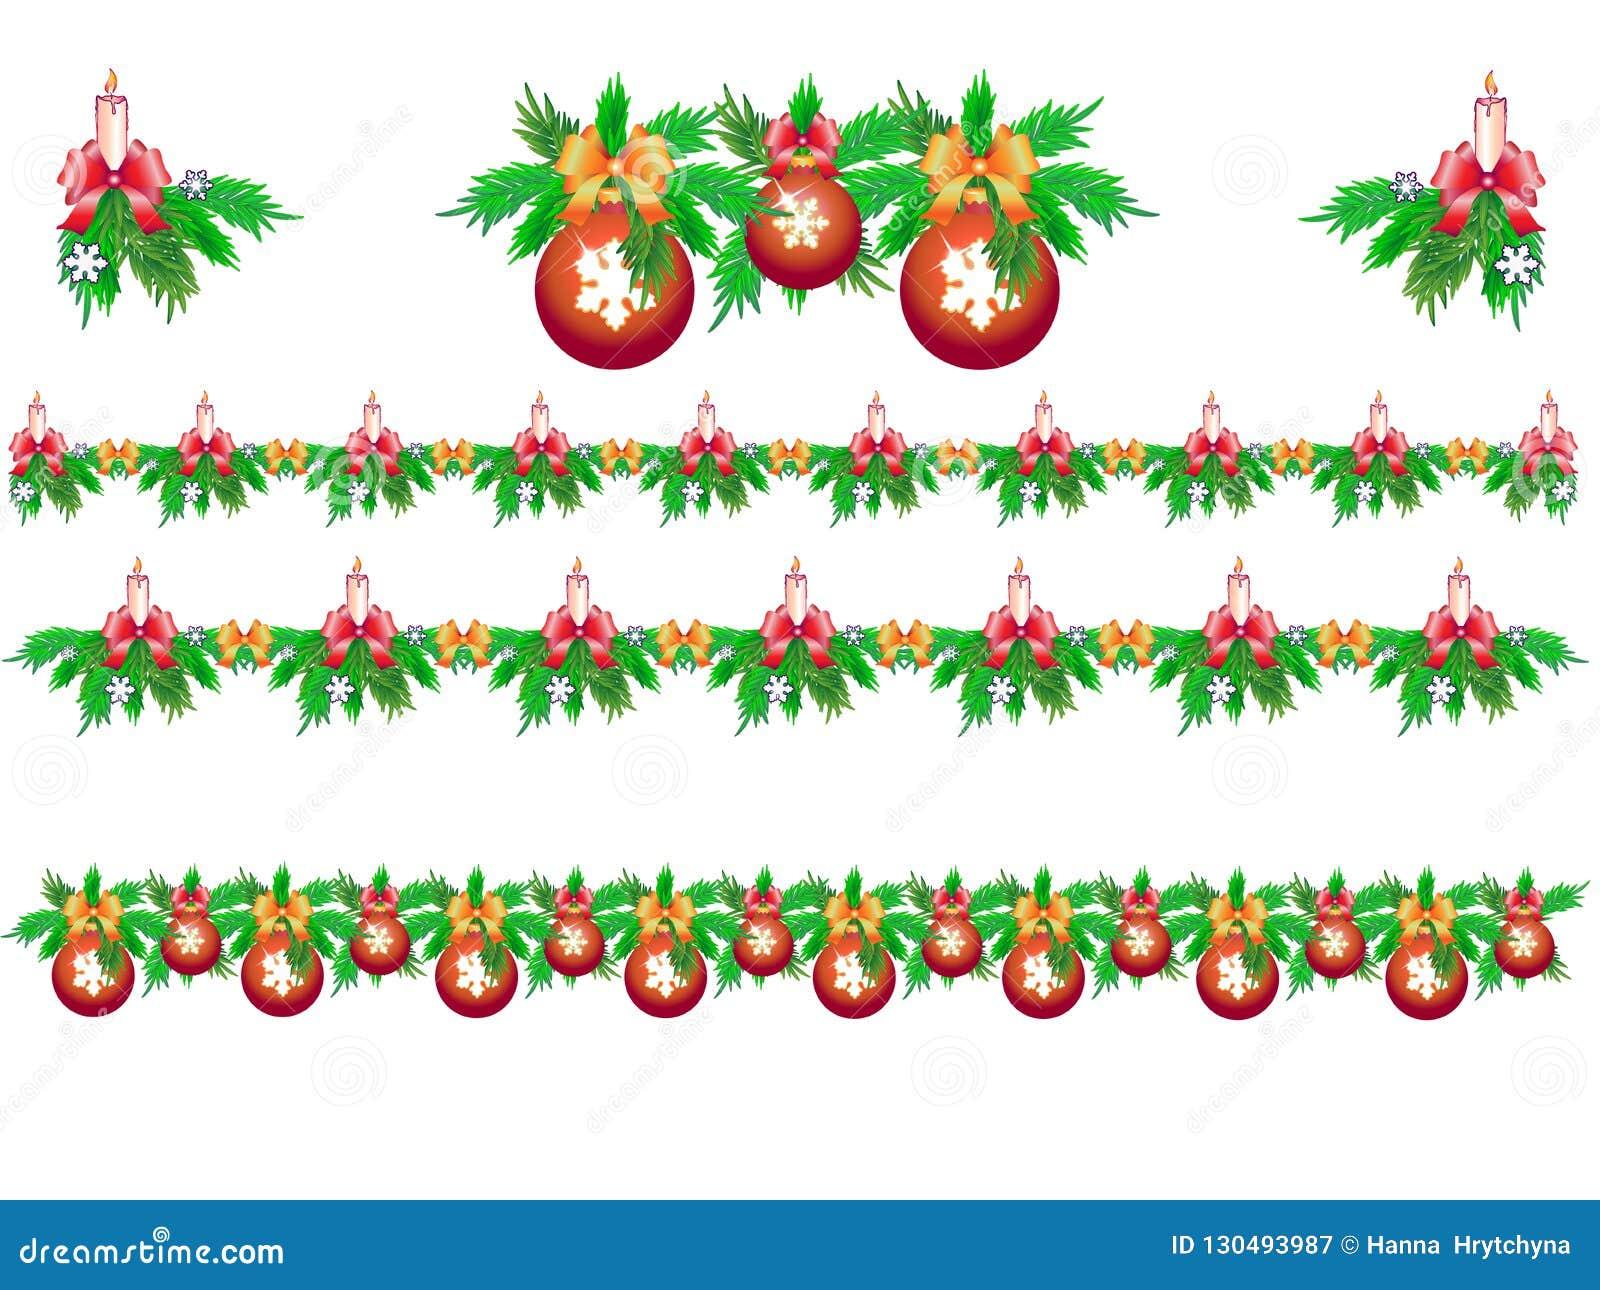 Установите гирлянд рождества ели со свечами, снежинками и шариками рождества